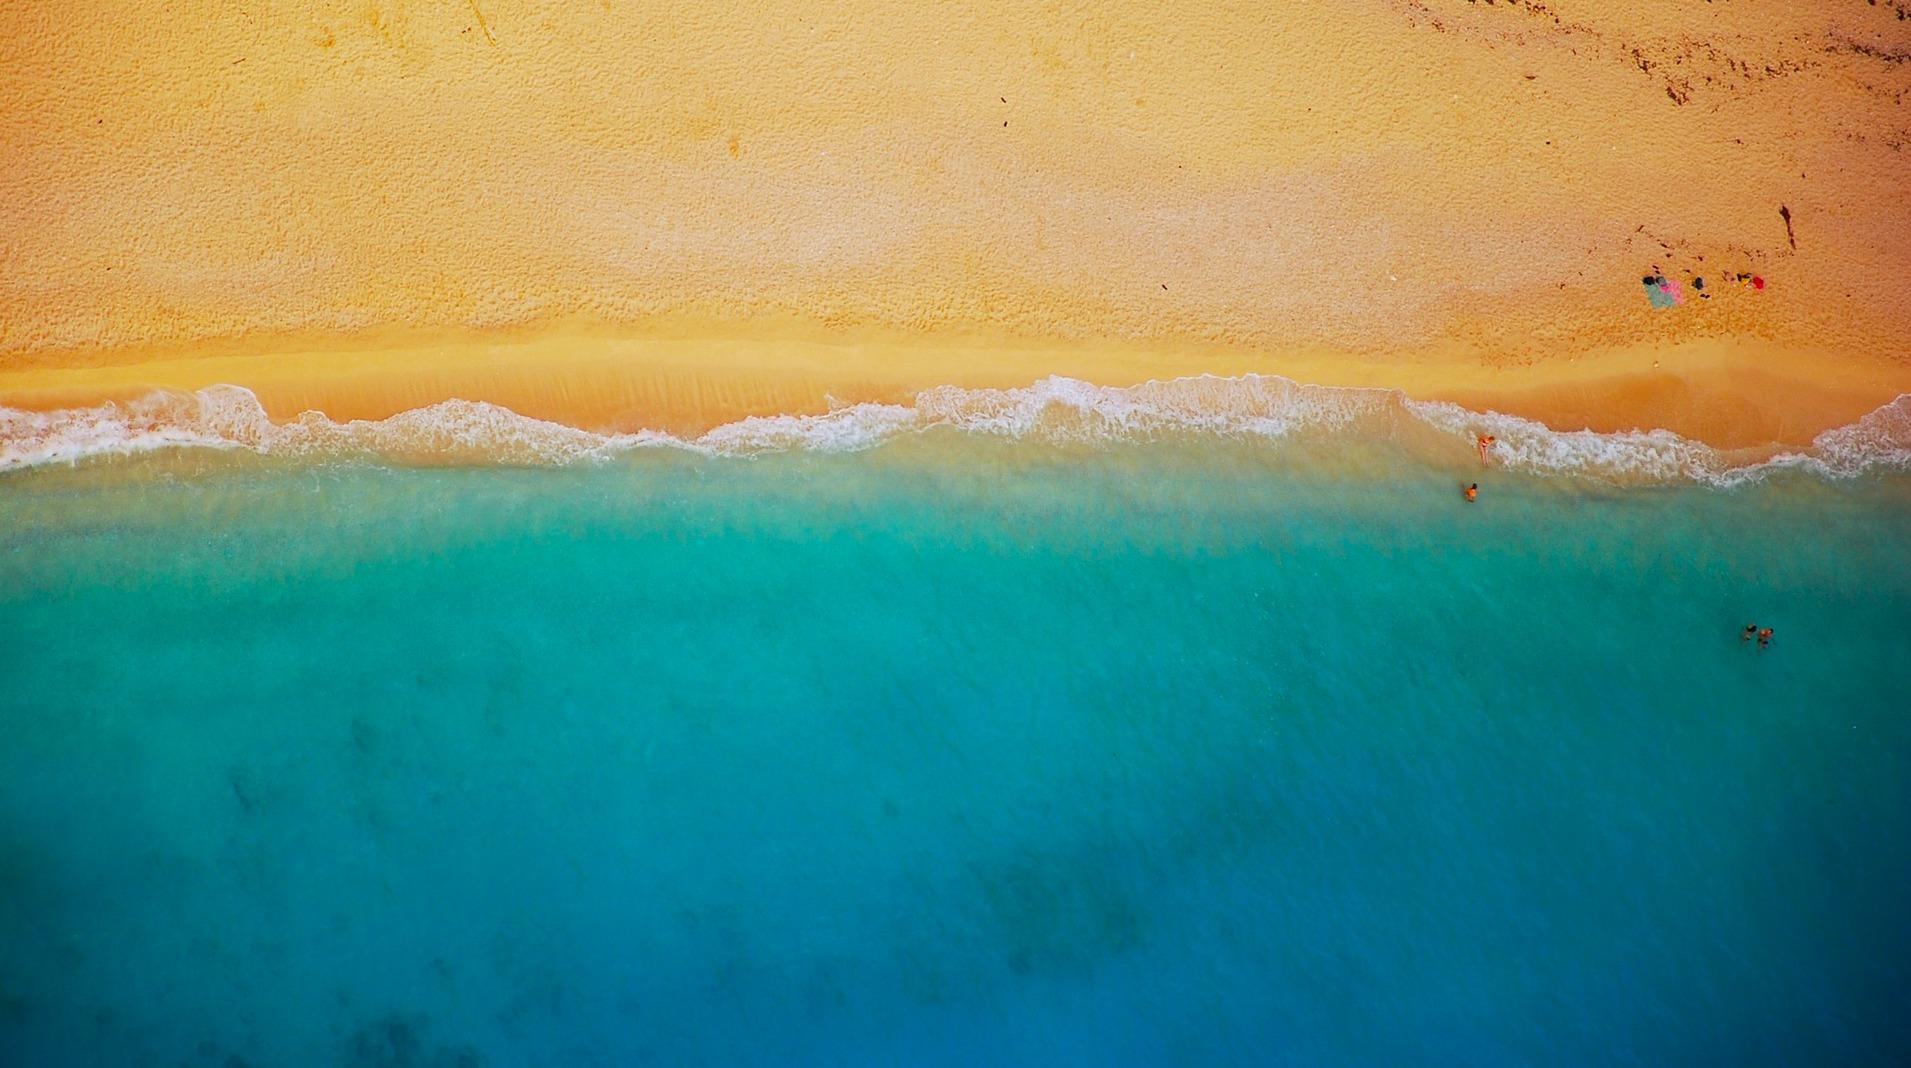 Τζιά | Οι χρυσαφένιες παραλίες που μαγεύουν στο νησί «του Σαββατοκύριακου»